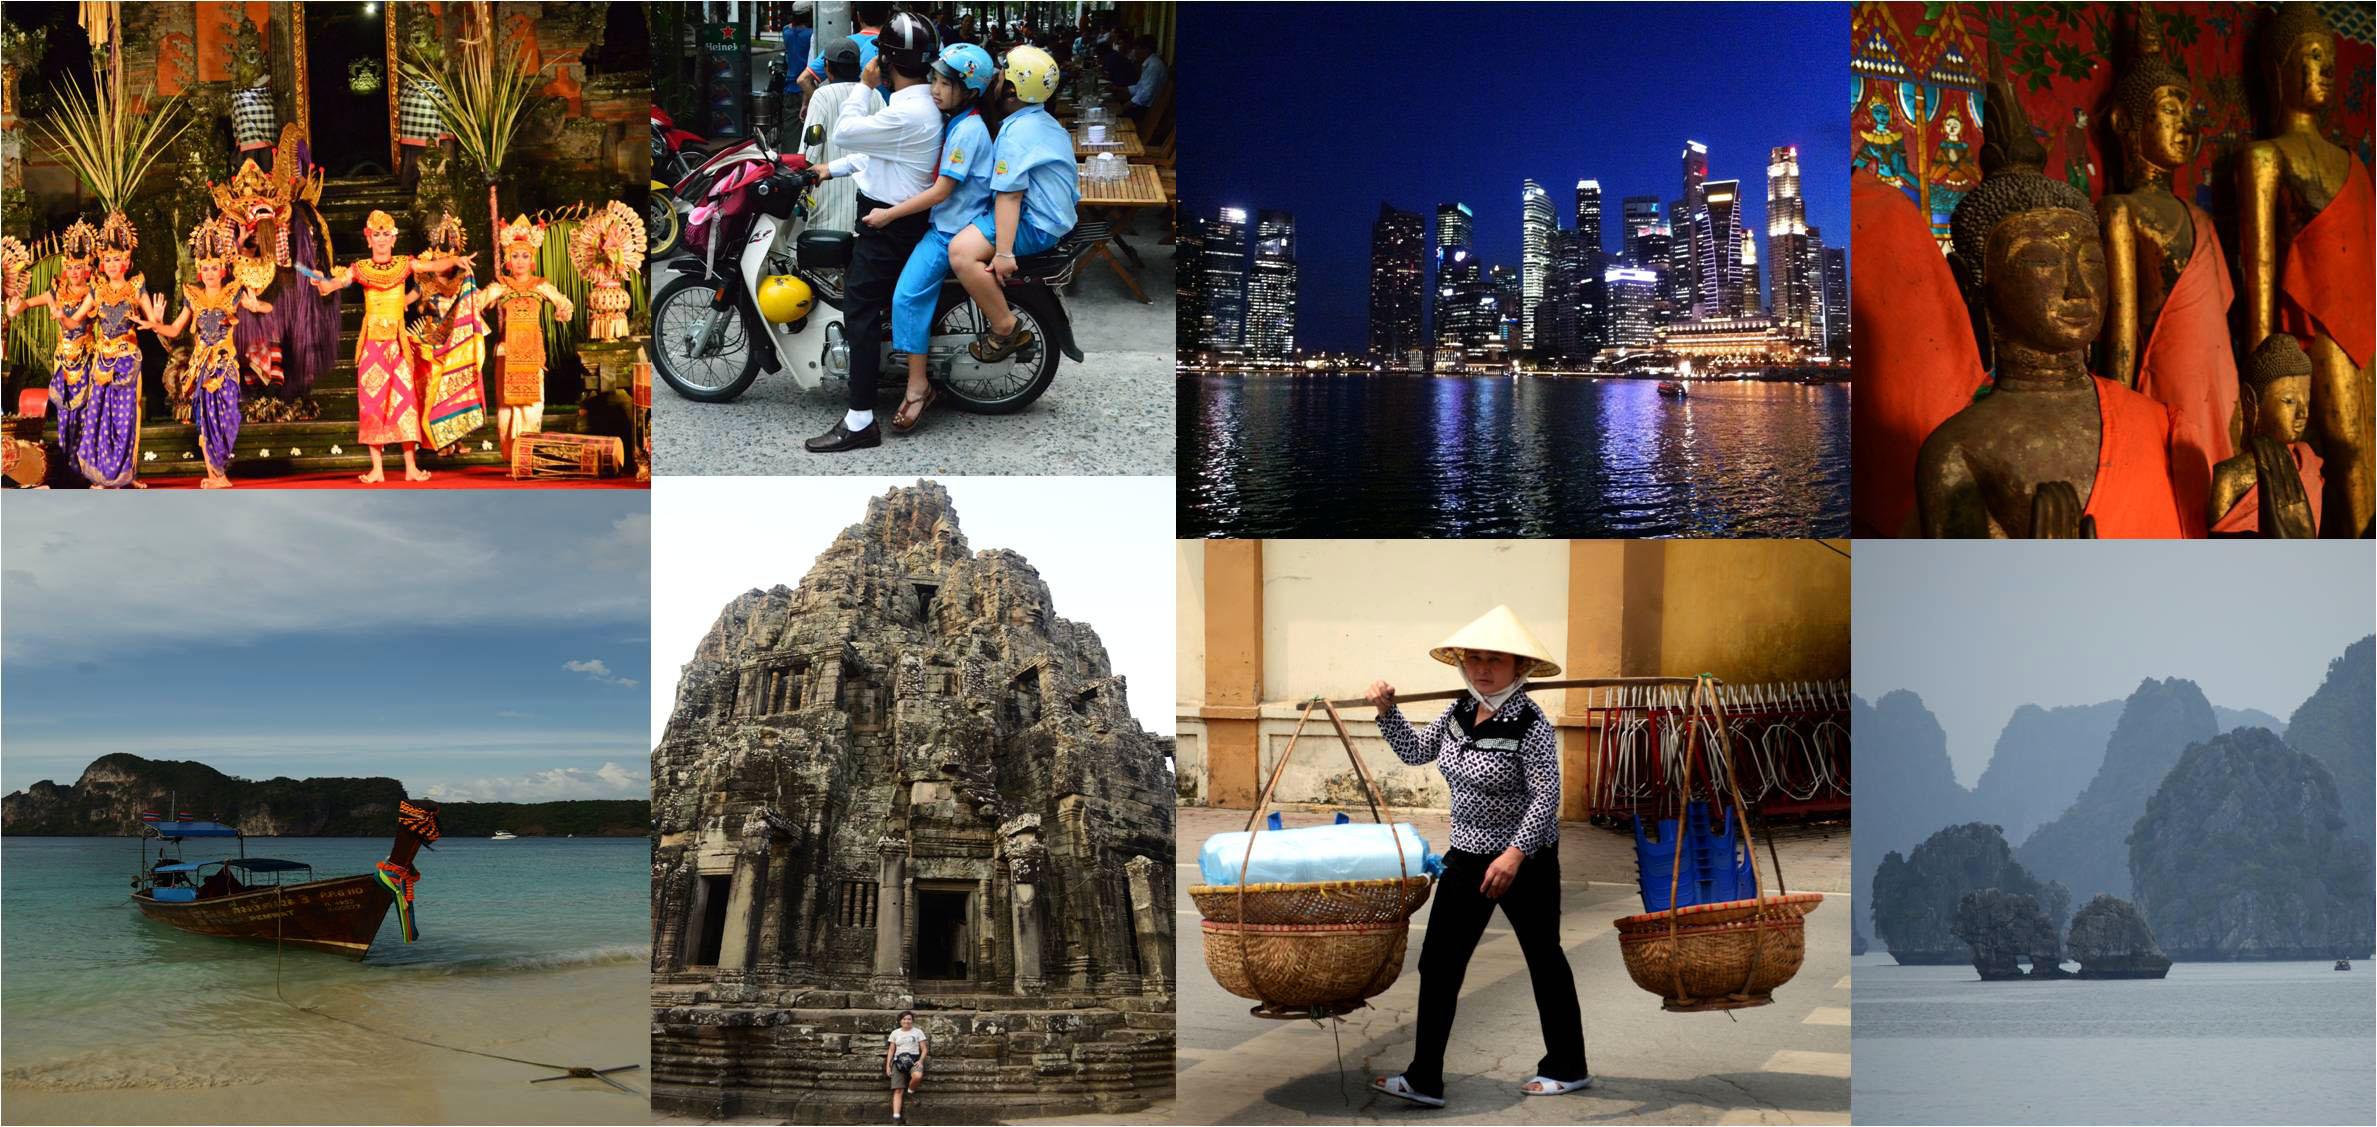 Resultado de imagem para imagens do sudeste asiático